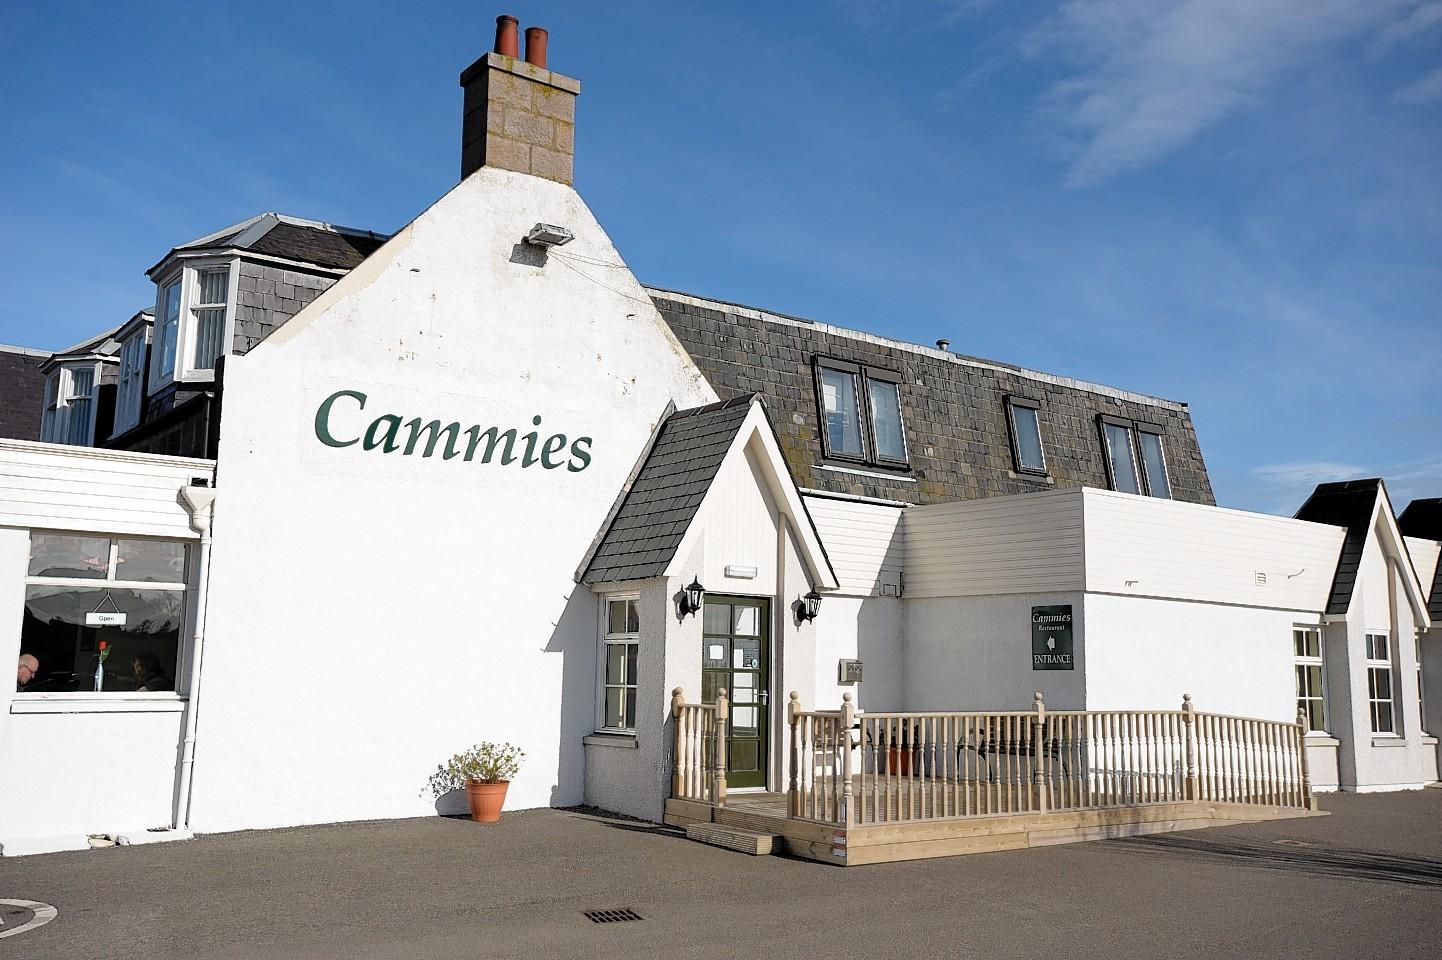 Cammies restaurant